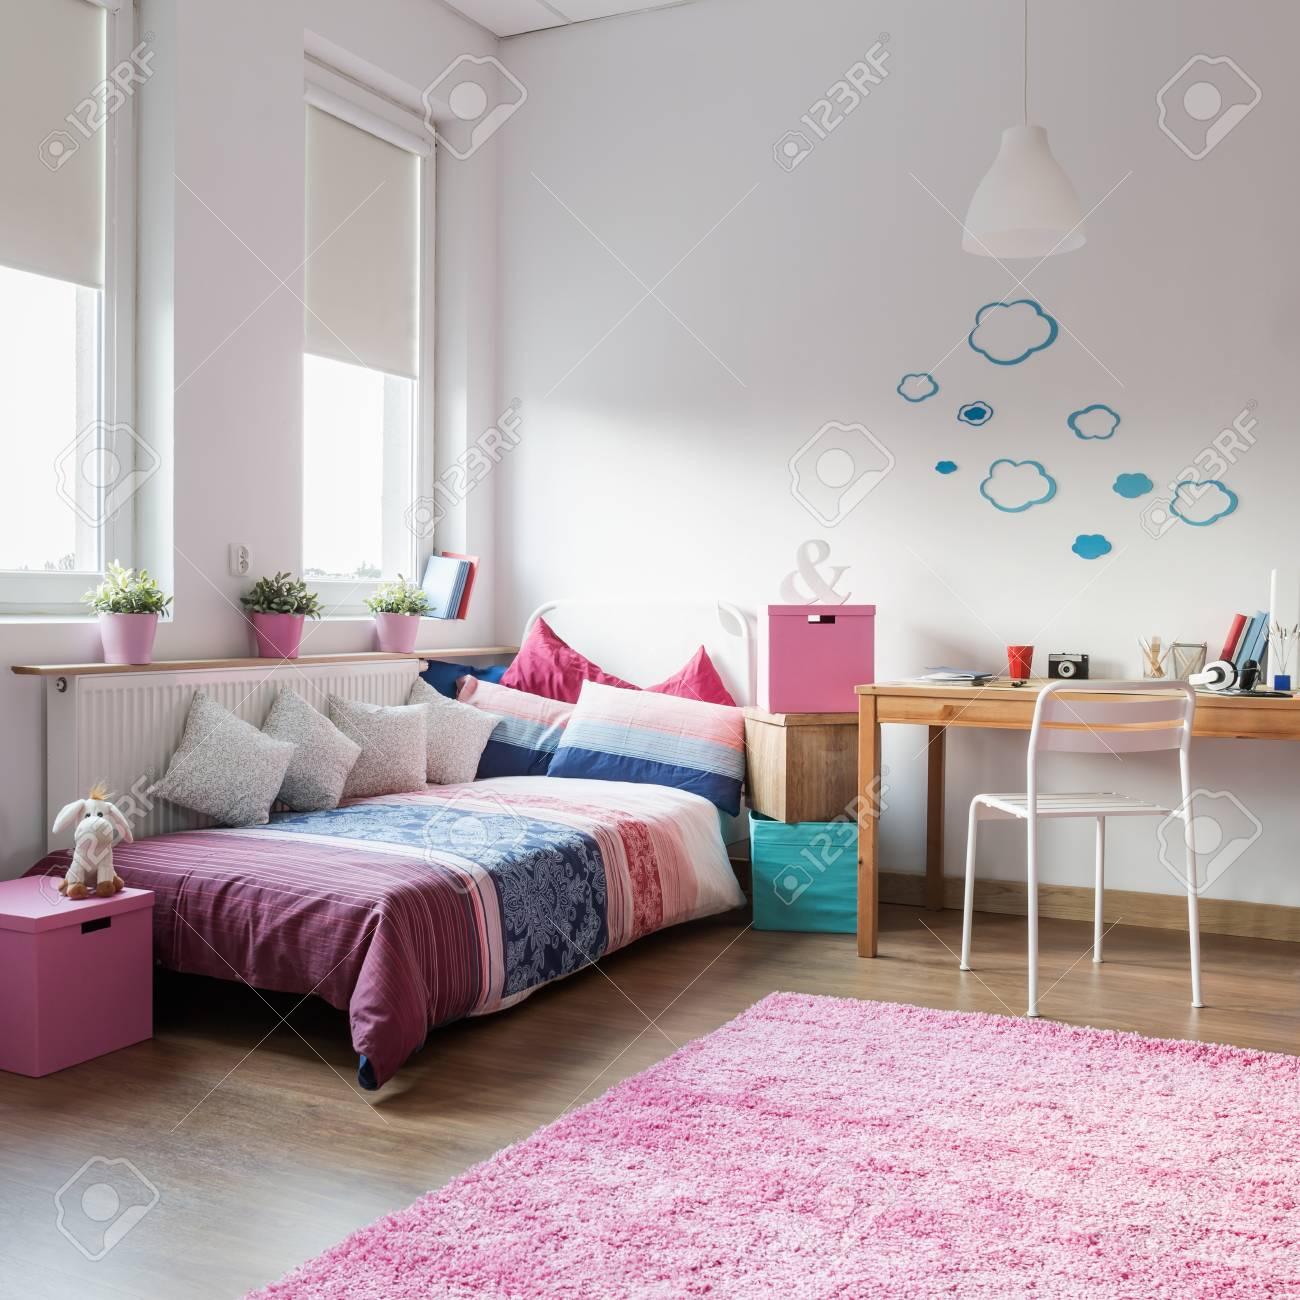 Modele Chambre Fille Ado ados chambre de jeune fille et de l'espace pour l'étude